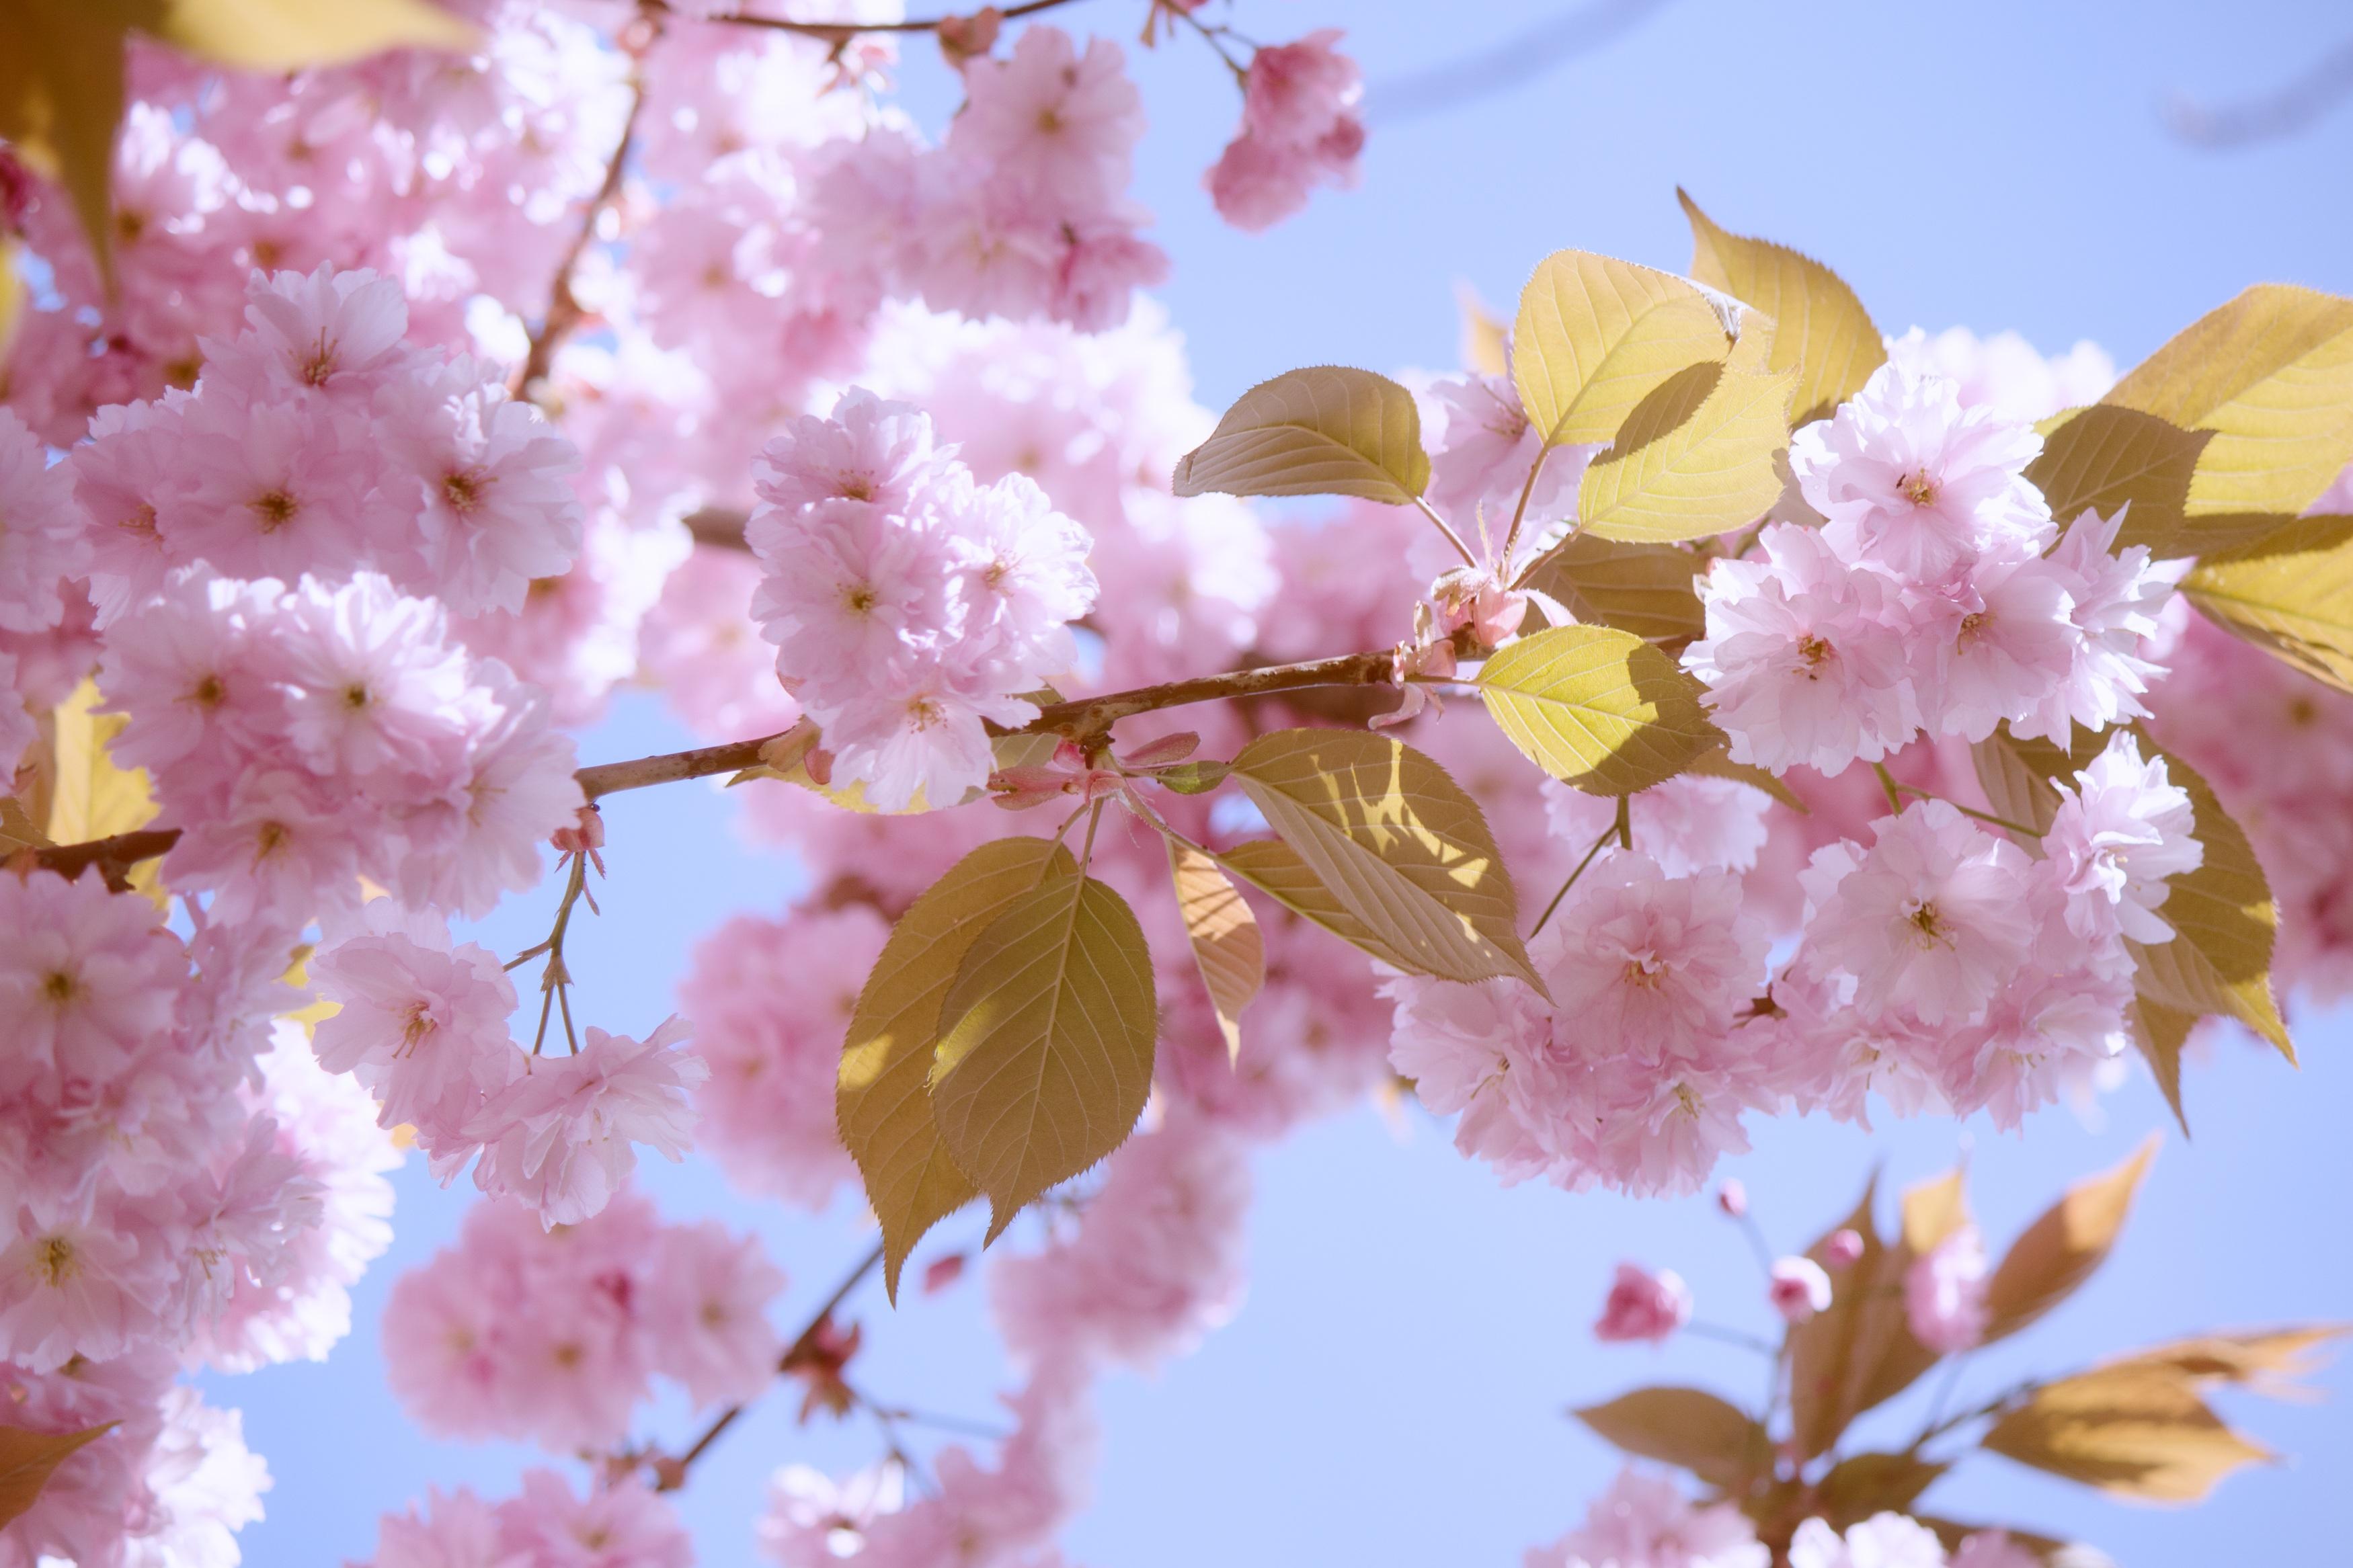 bakgrundsbilder tr228d gren blomma kronblad mat v229r